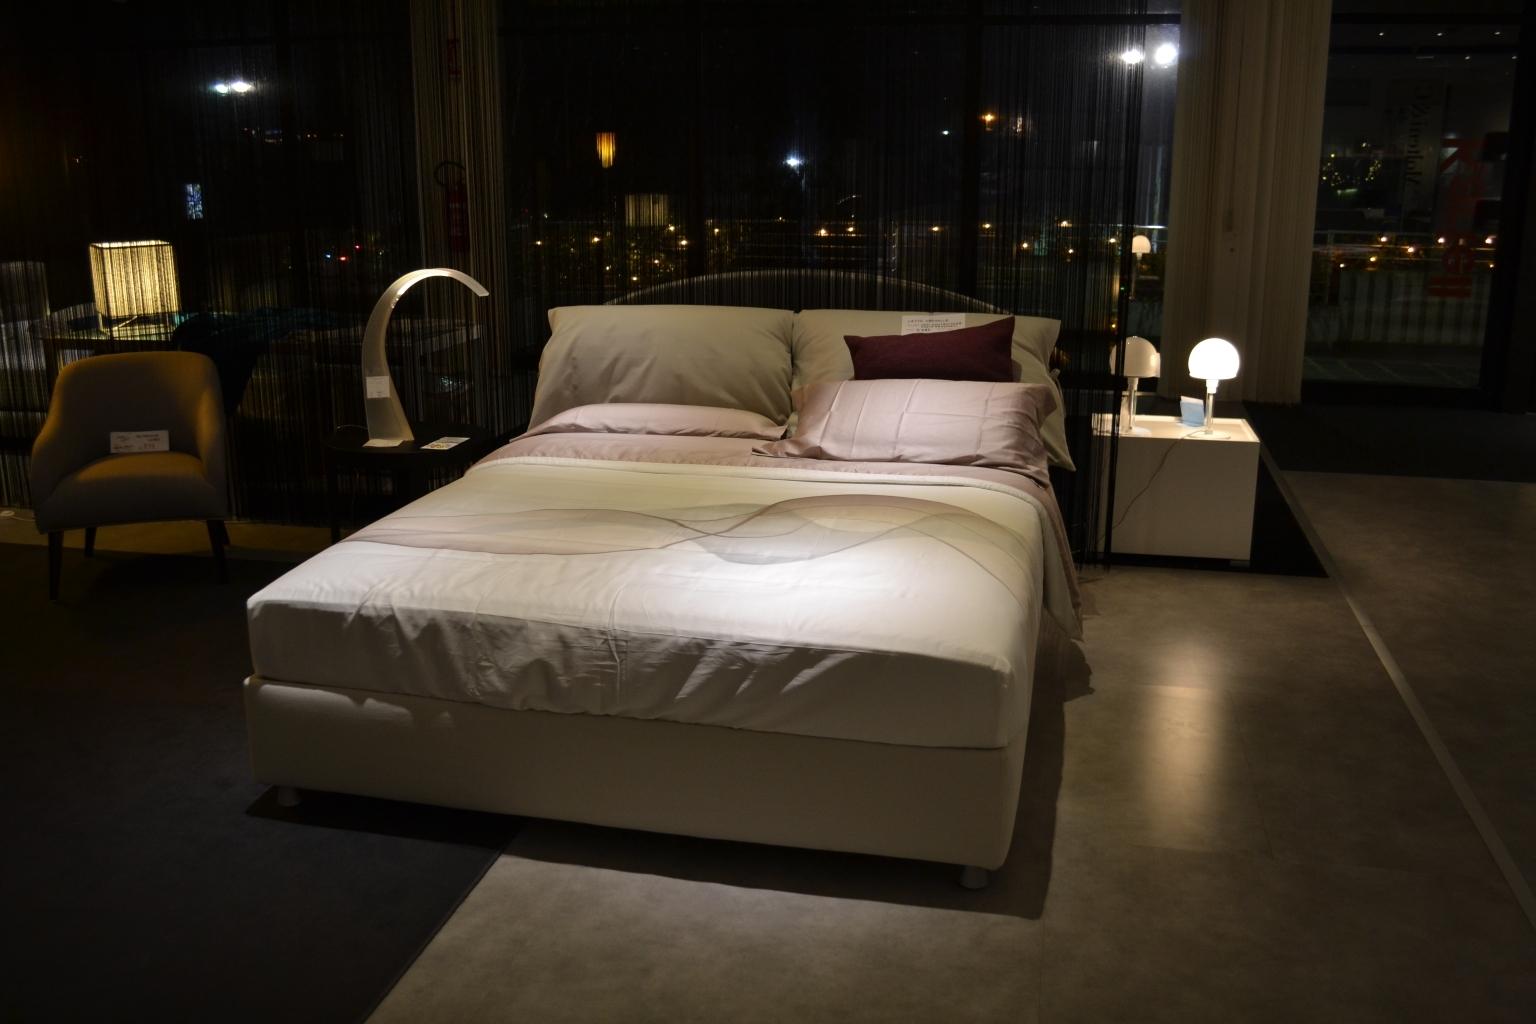 Flou letto nathalie matrimoniale letti a prezzi scontati - Prezzo letto flou nathalie ...